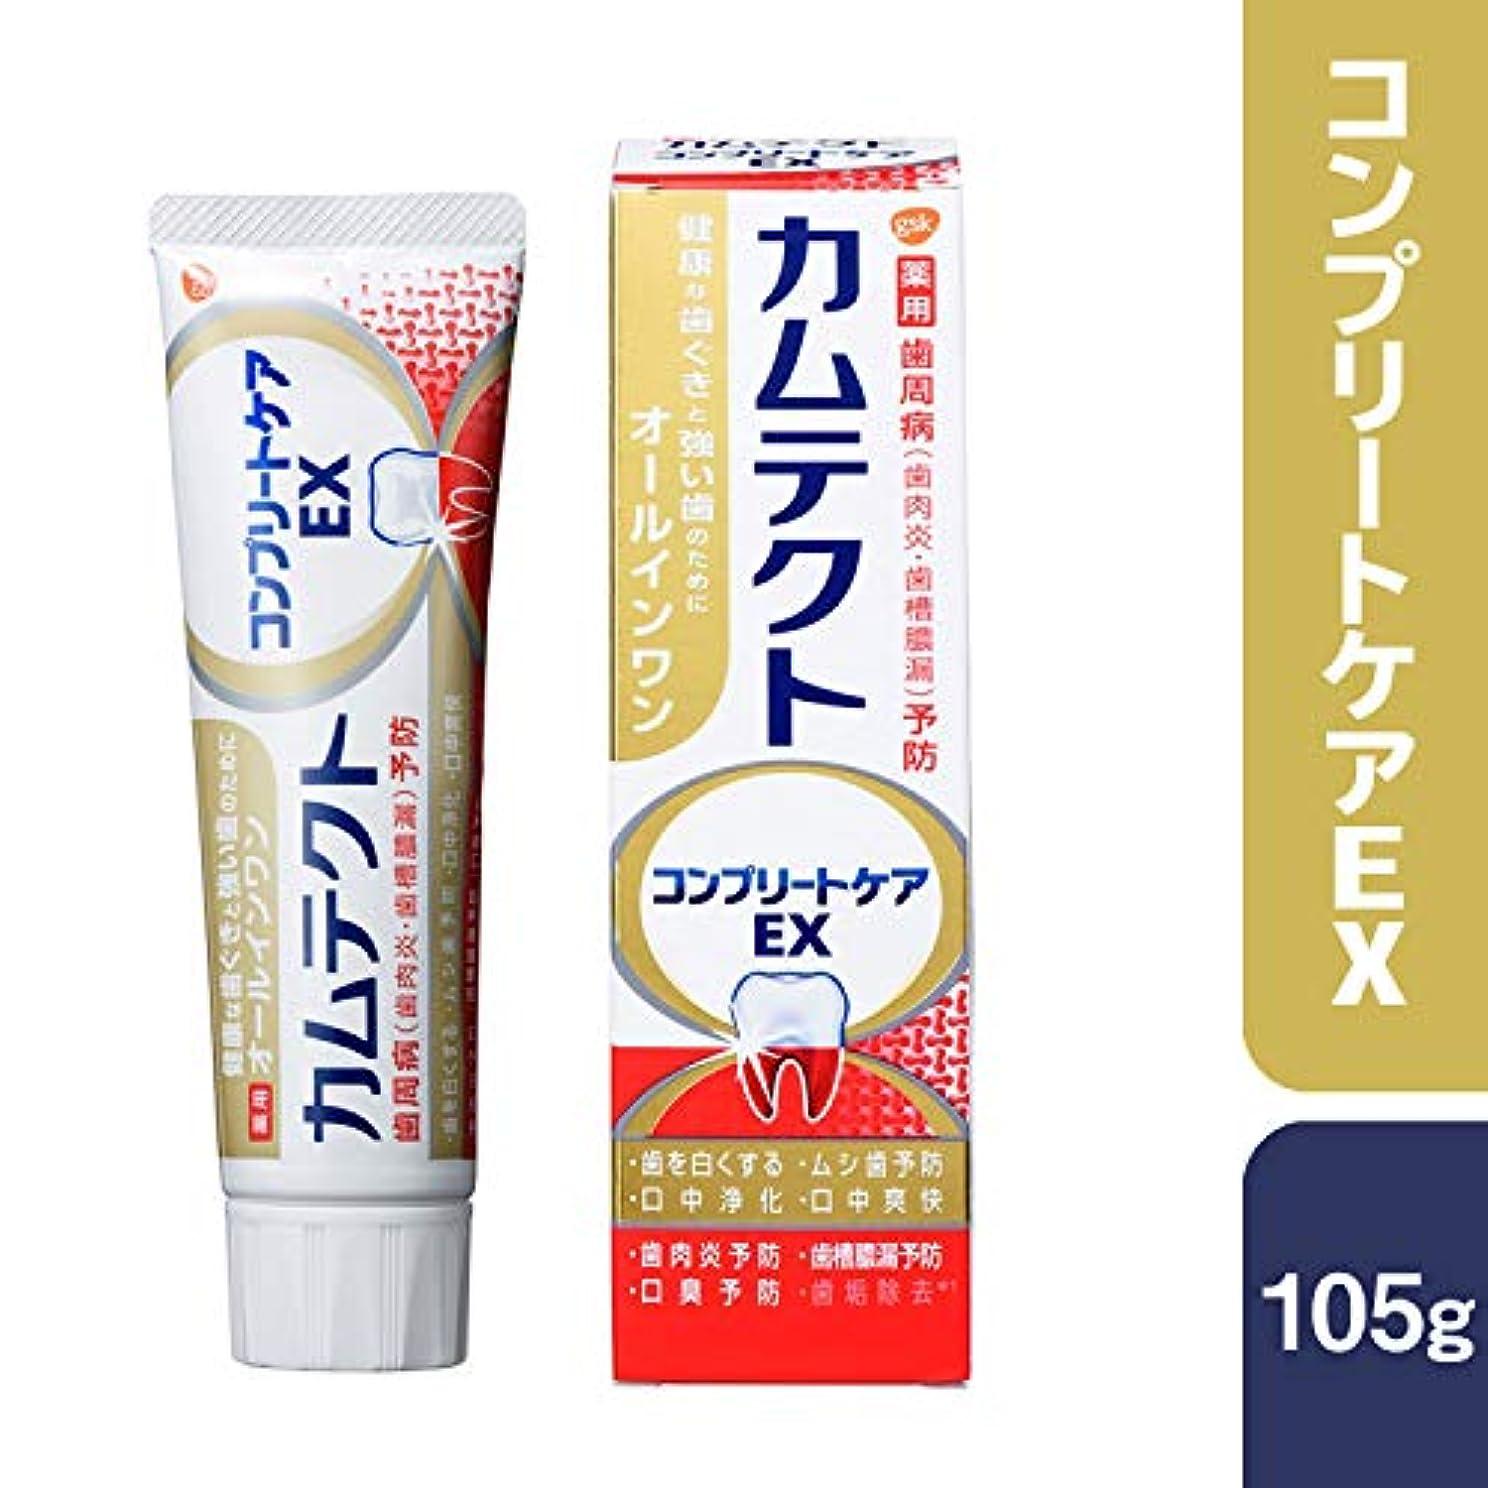 アブセイもの専門カムテクト コンプリートケアEX 歯周病(歯肉炎?歯槽膿漏) 予防 歯磨き粉 105g